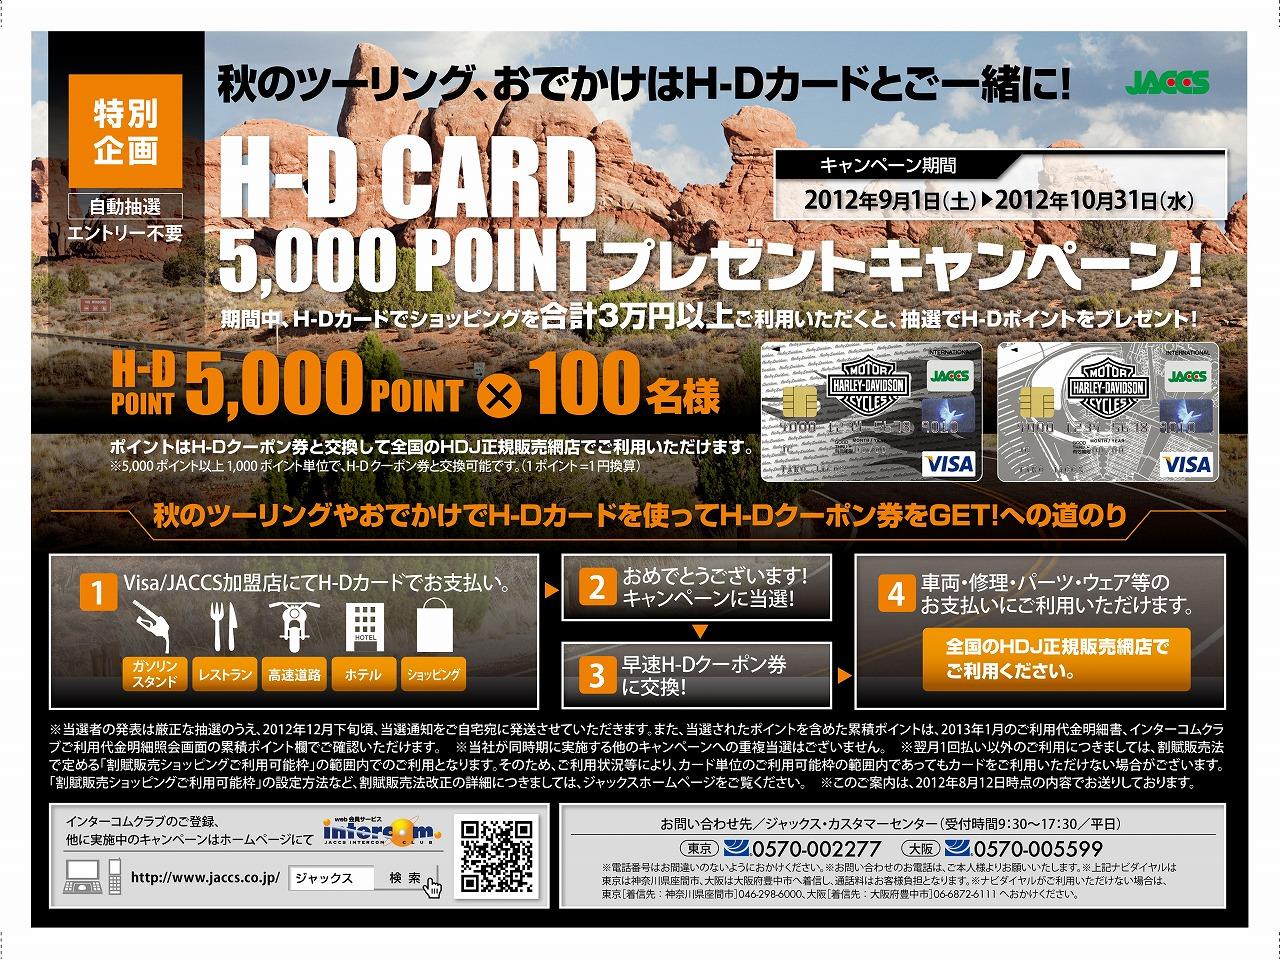 Hdcard_campaign_keijiban